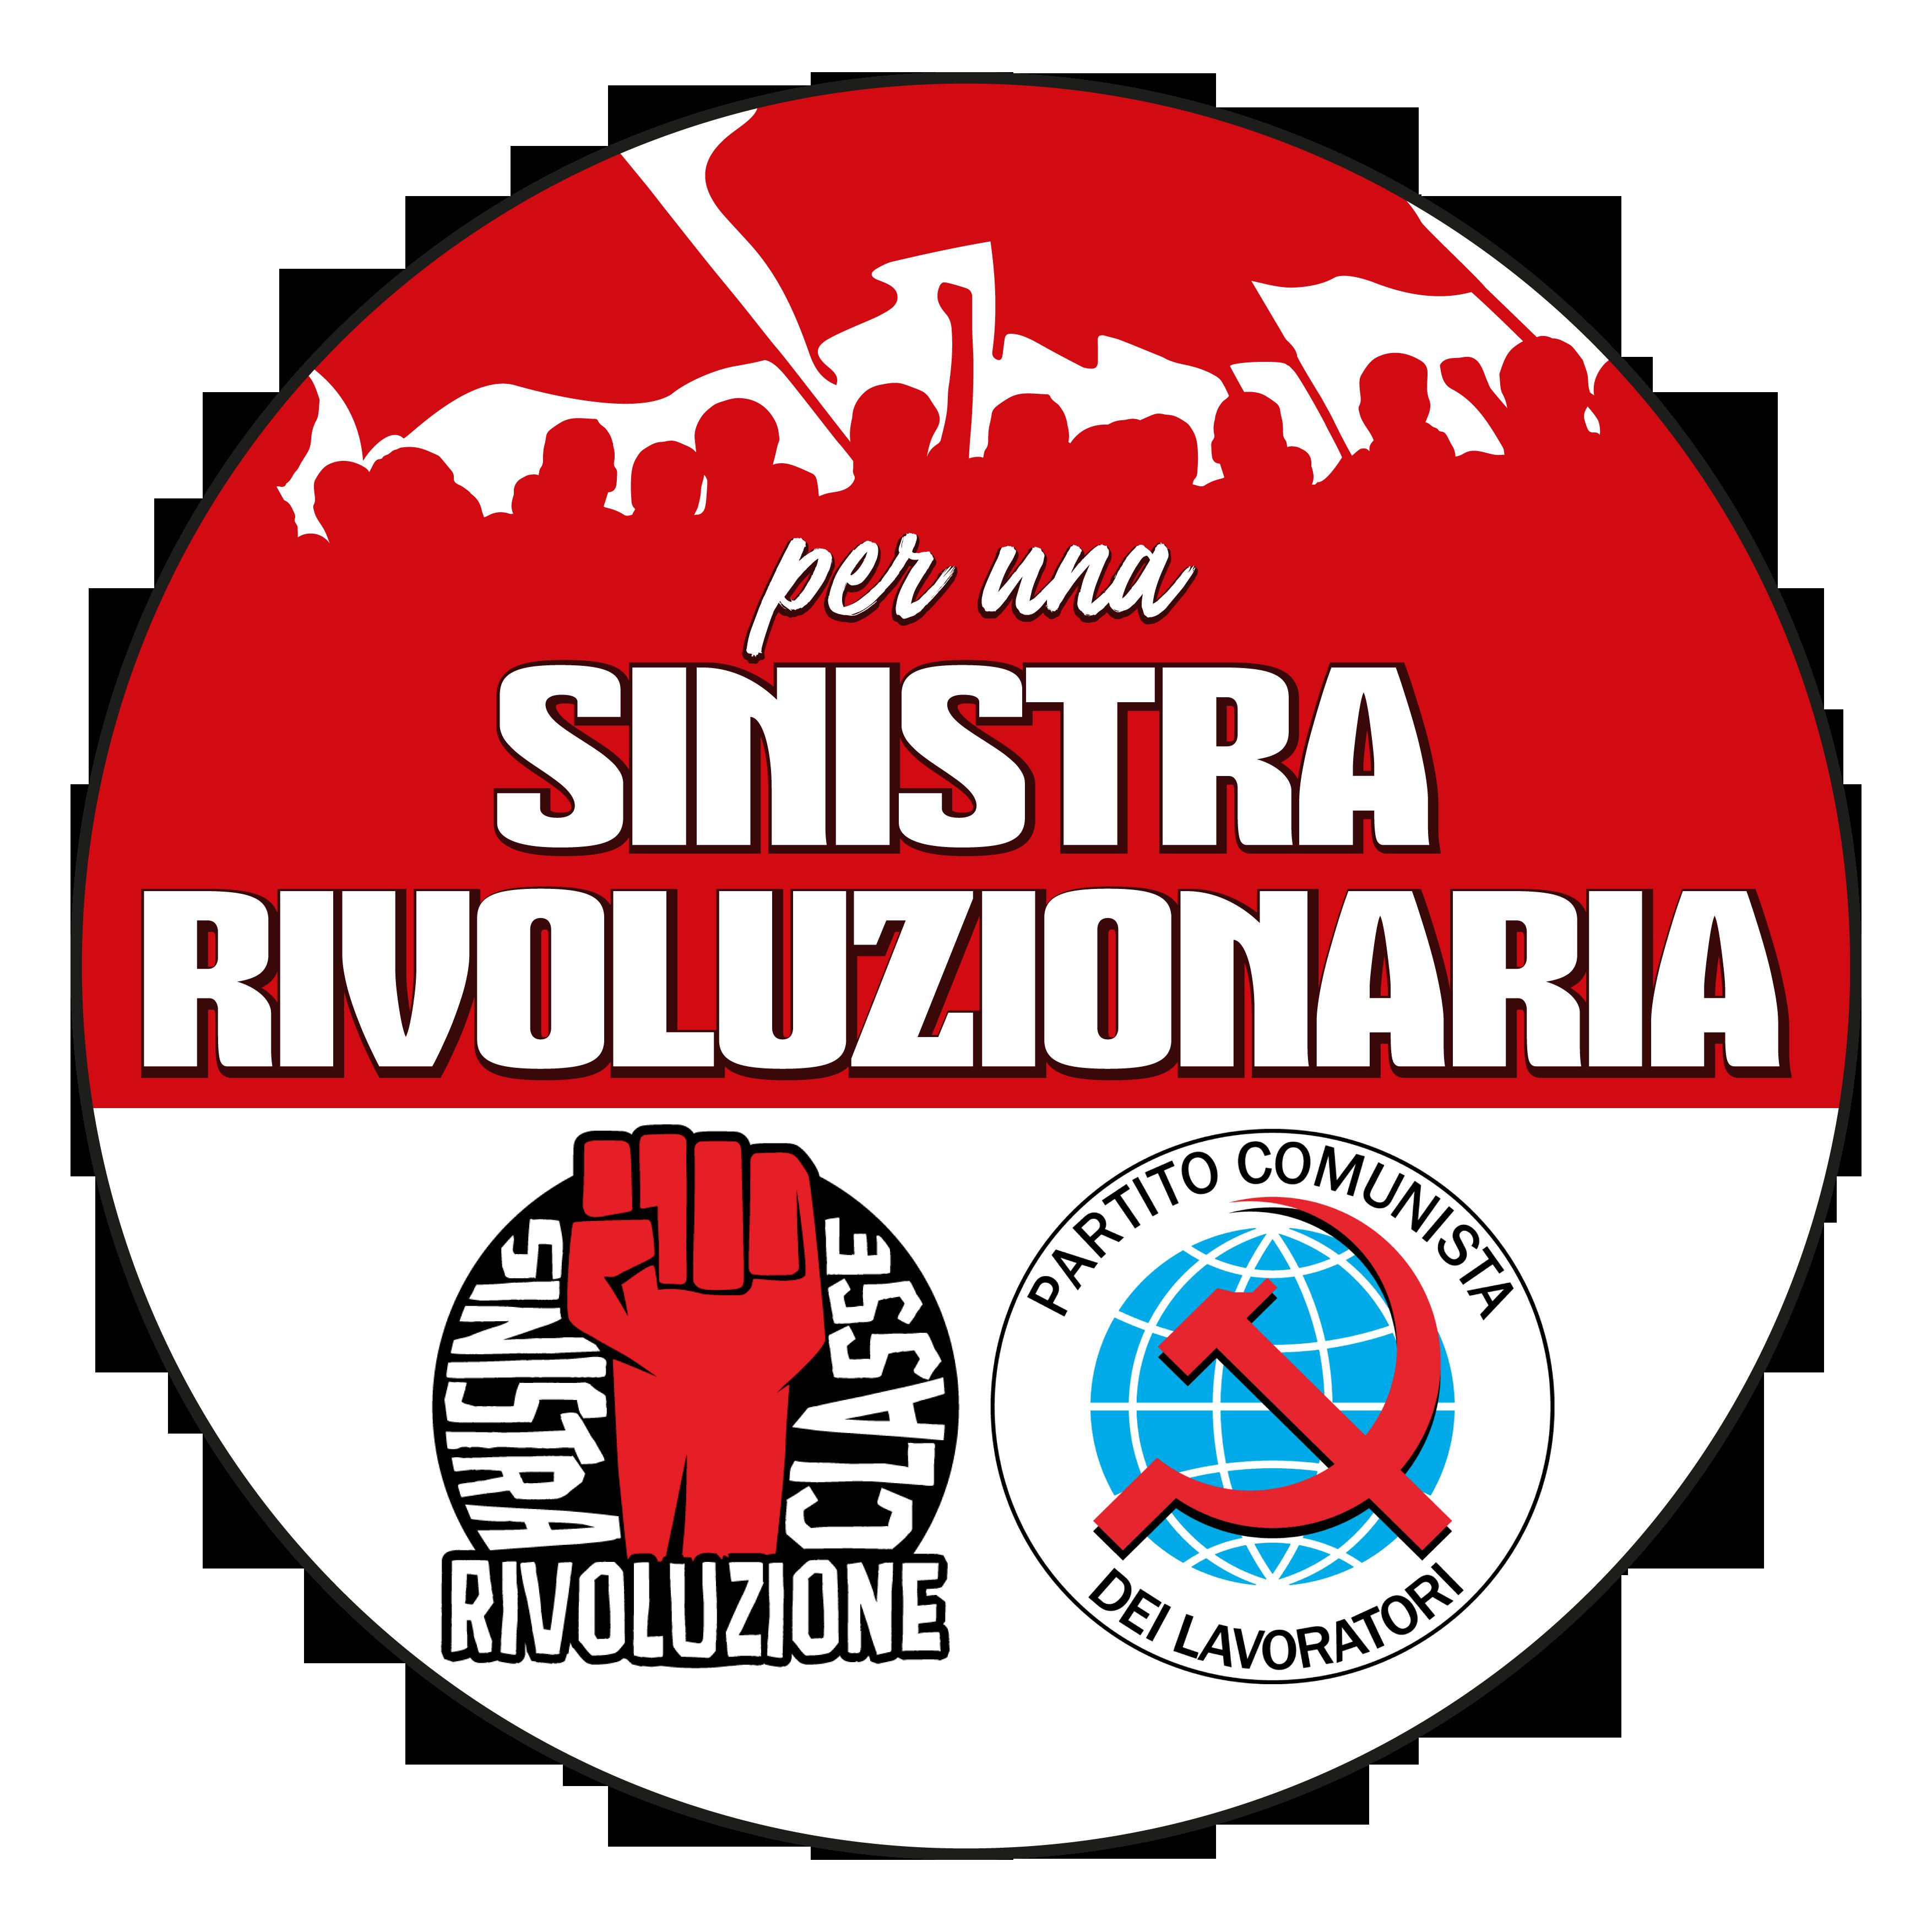 Politiche Per una Sinistra Rivoluzionaria simbolo